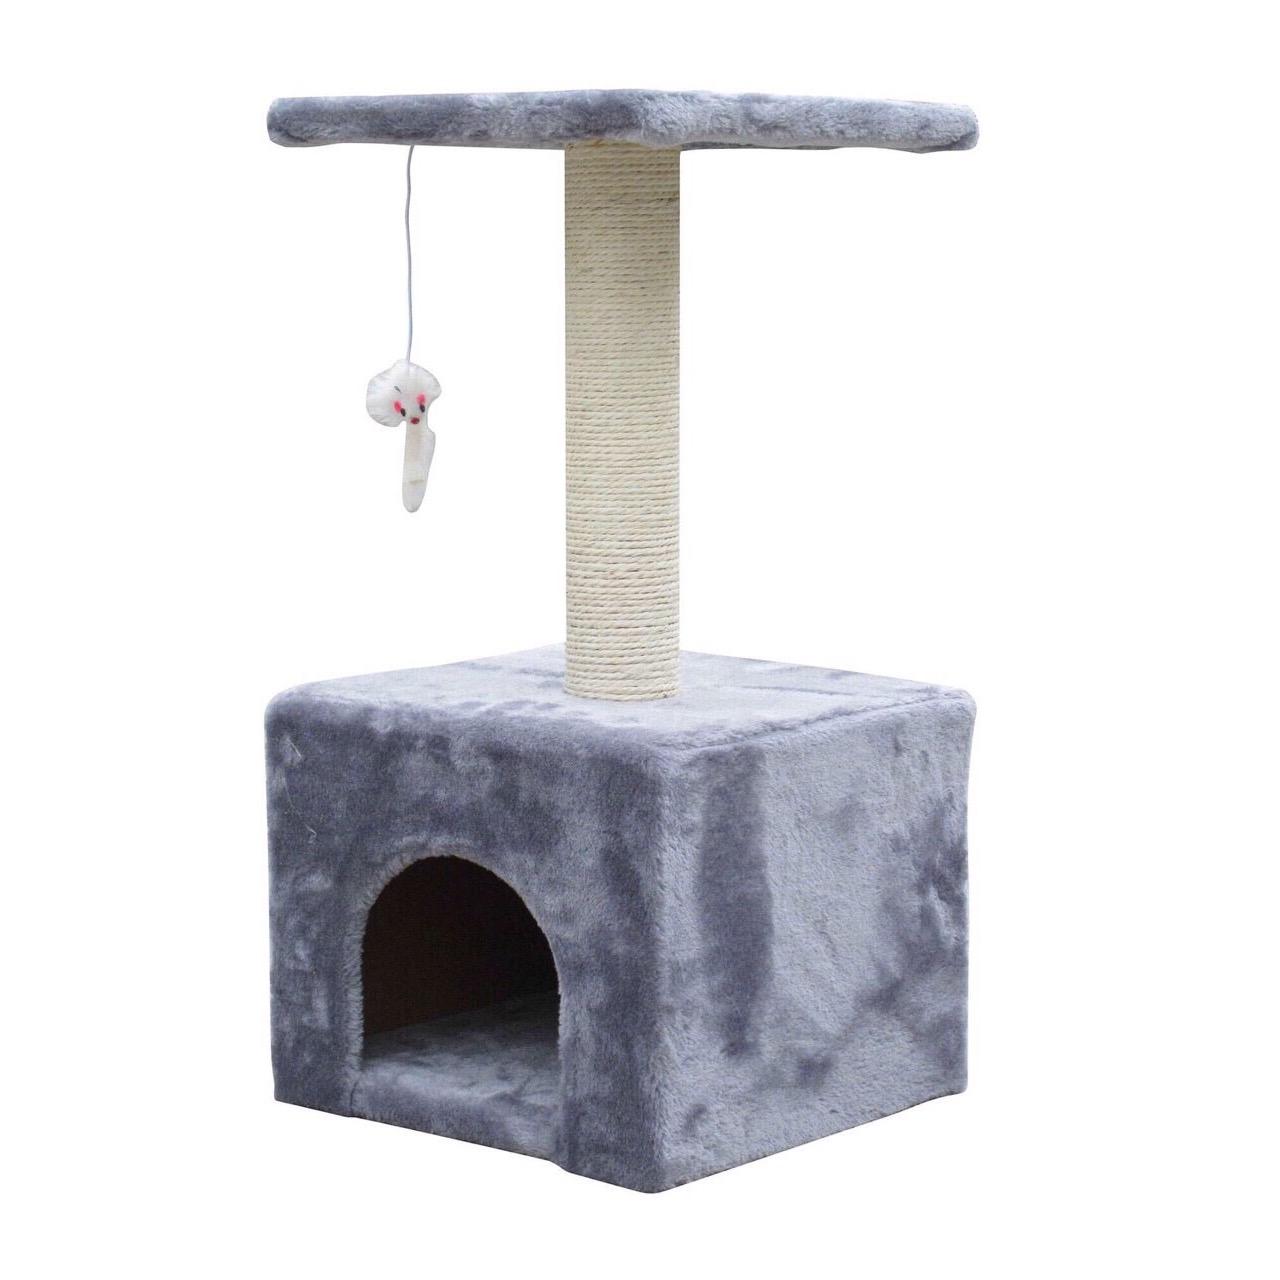 Nhà Cây - Trụ Cào Hộp Vuông 2 Tầng Cho Mèo Cat Tree TC004